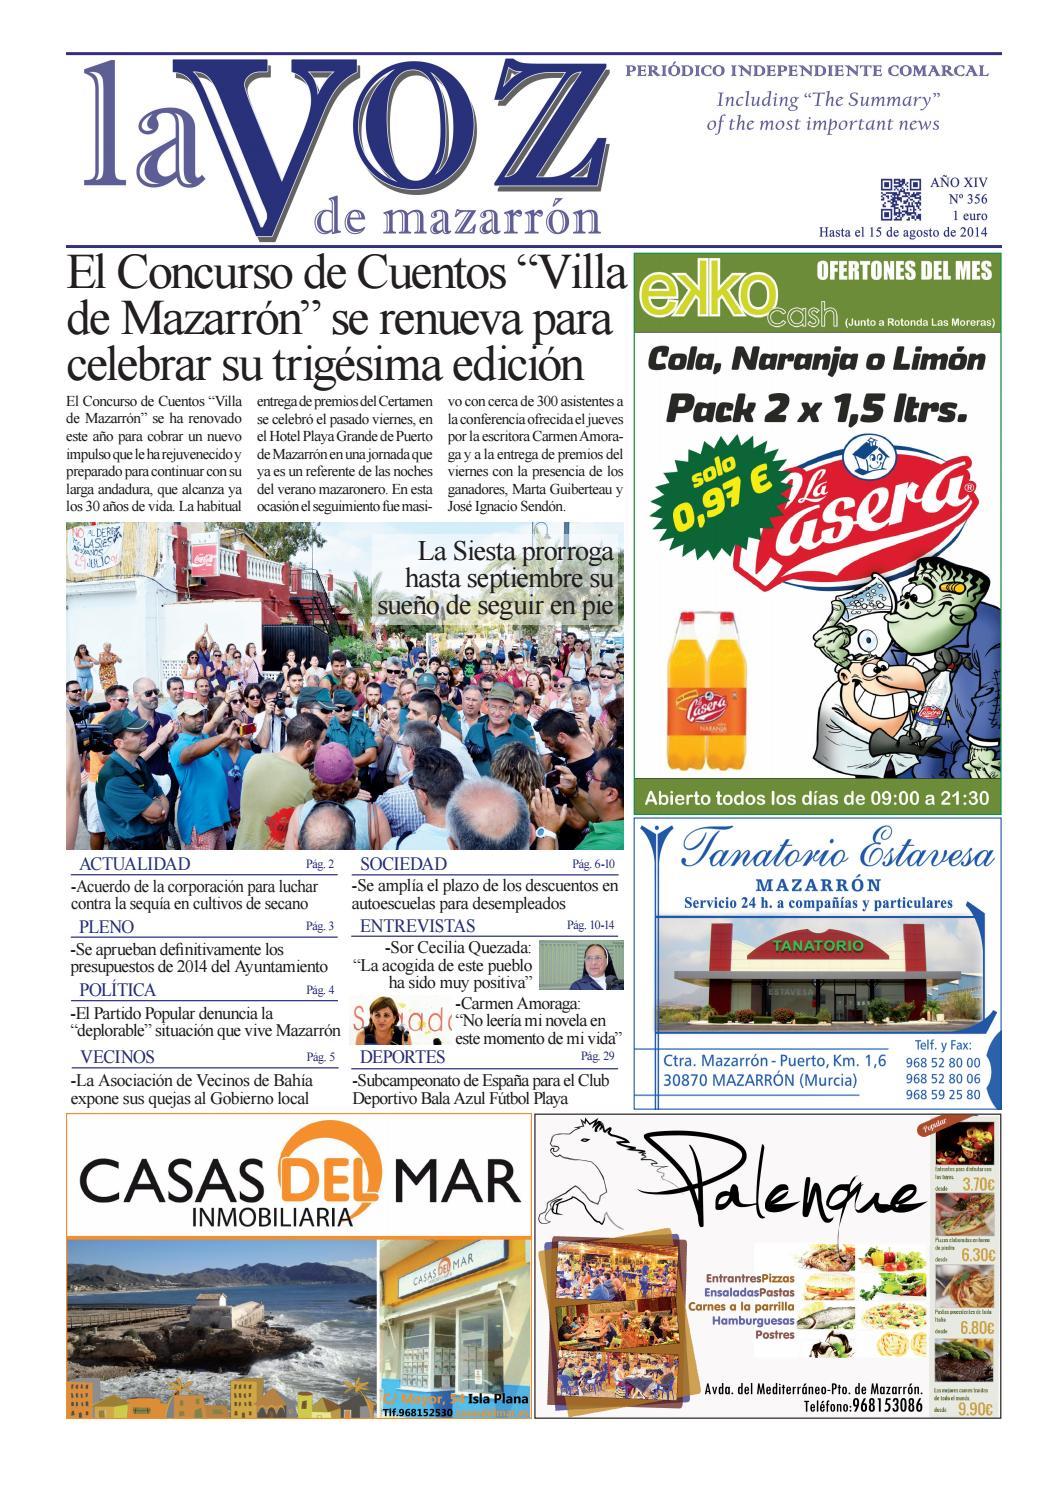 Voz356 by La Voz de Mazarrón (Periódico) - issuu